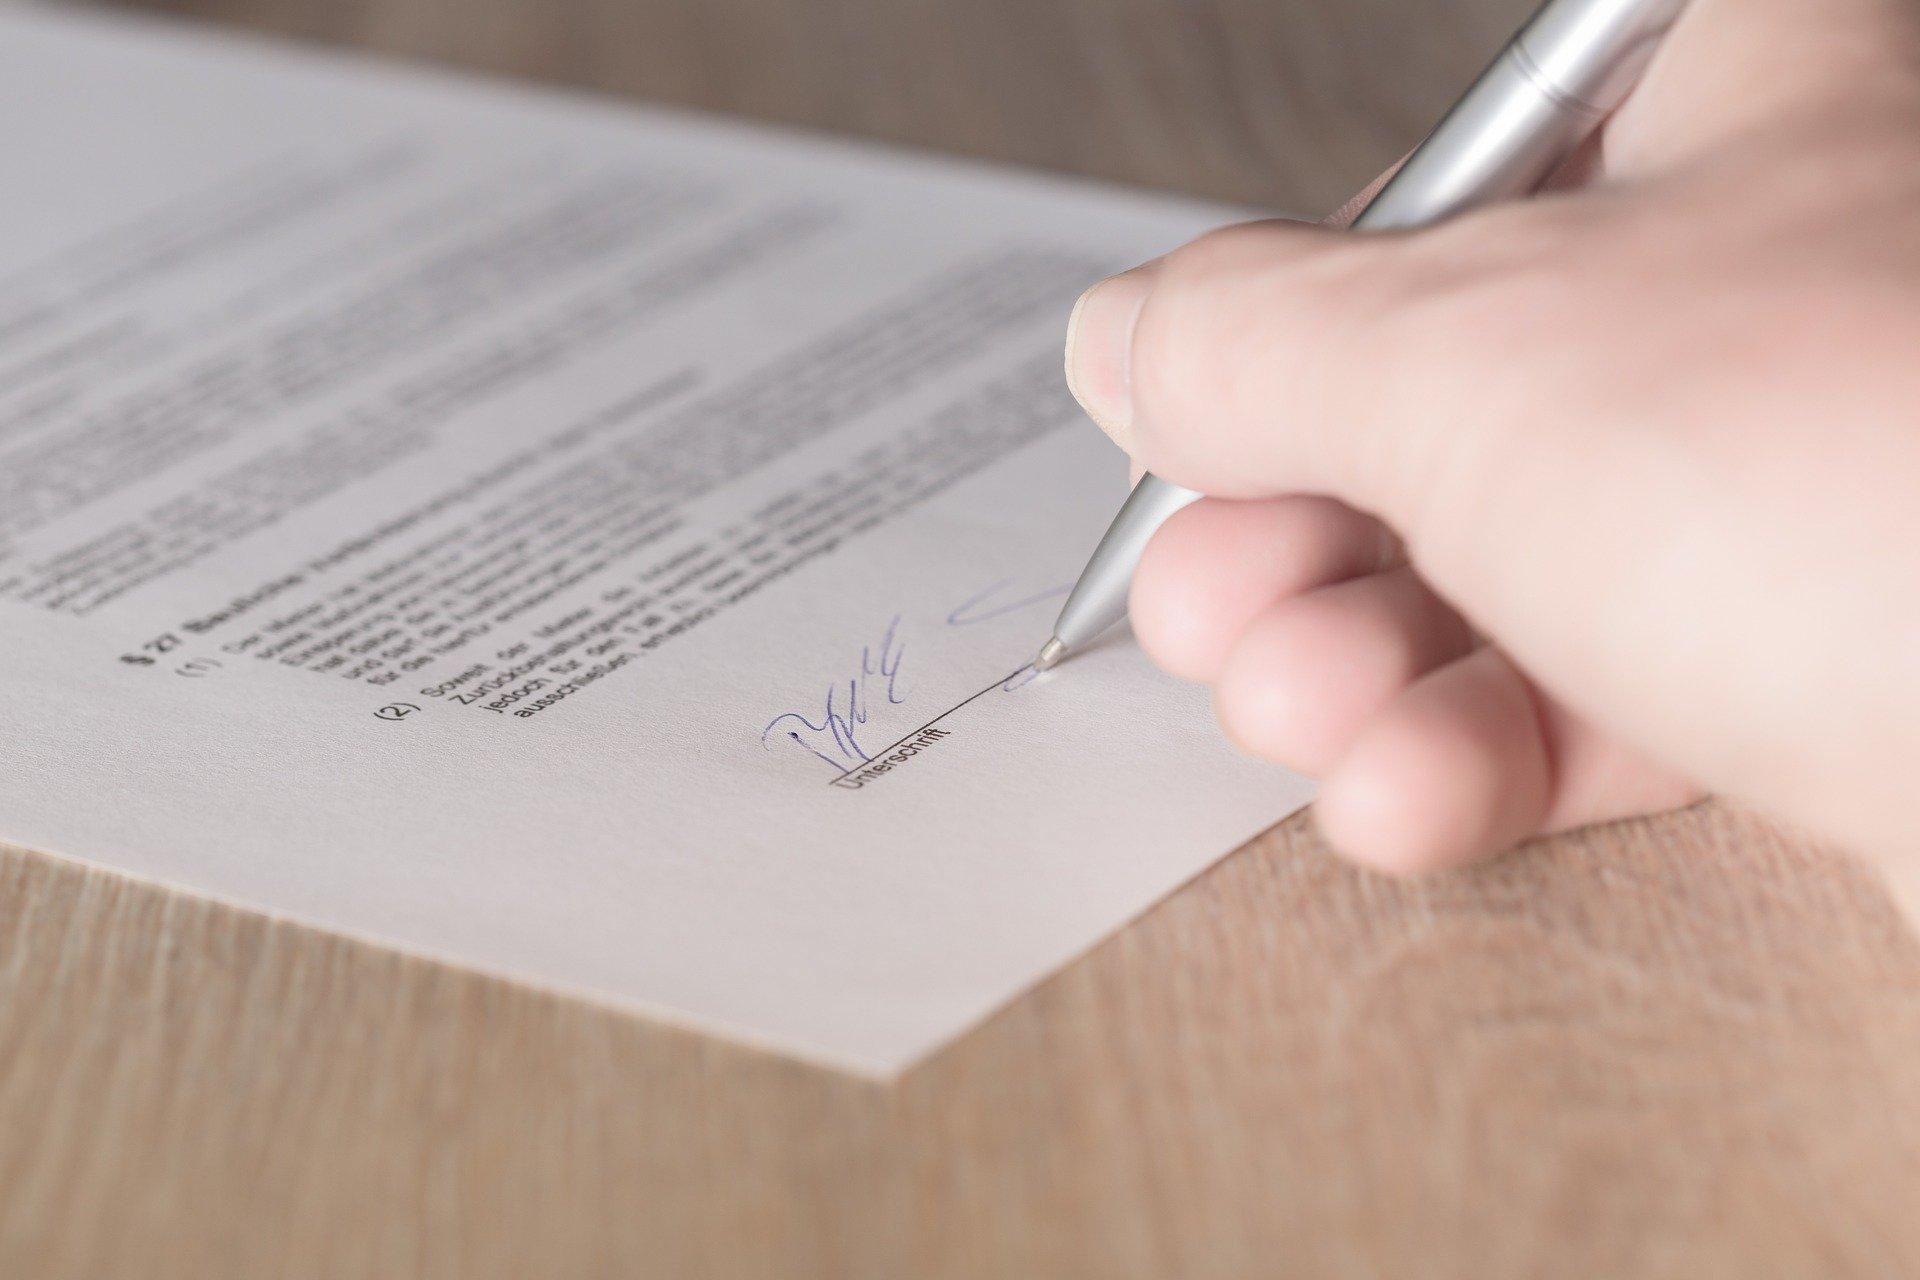 Unterschreiben eines Dokuments